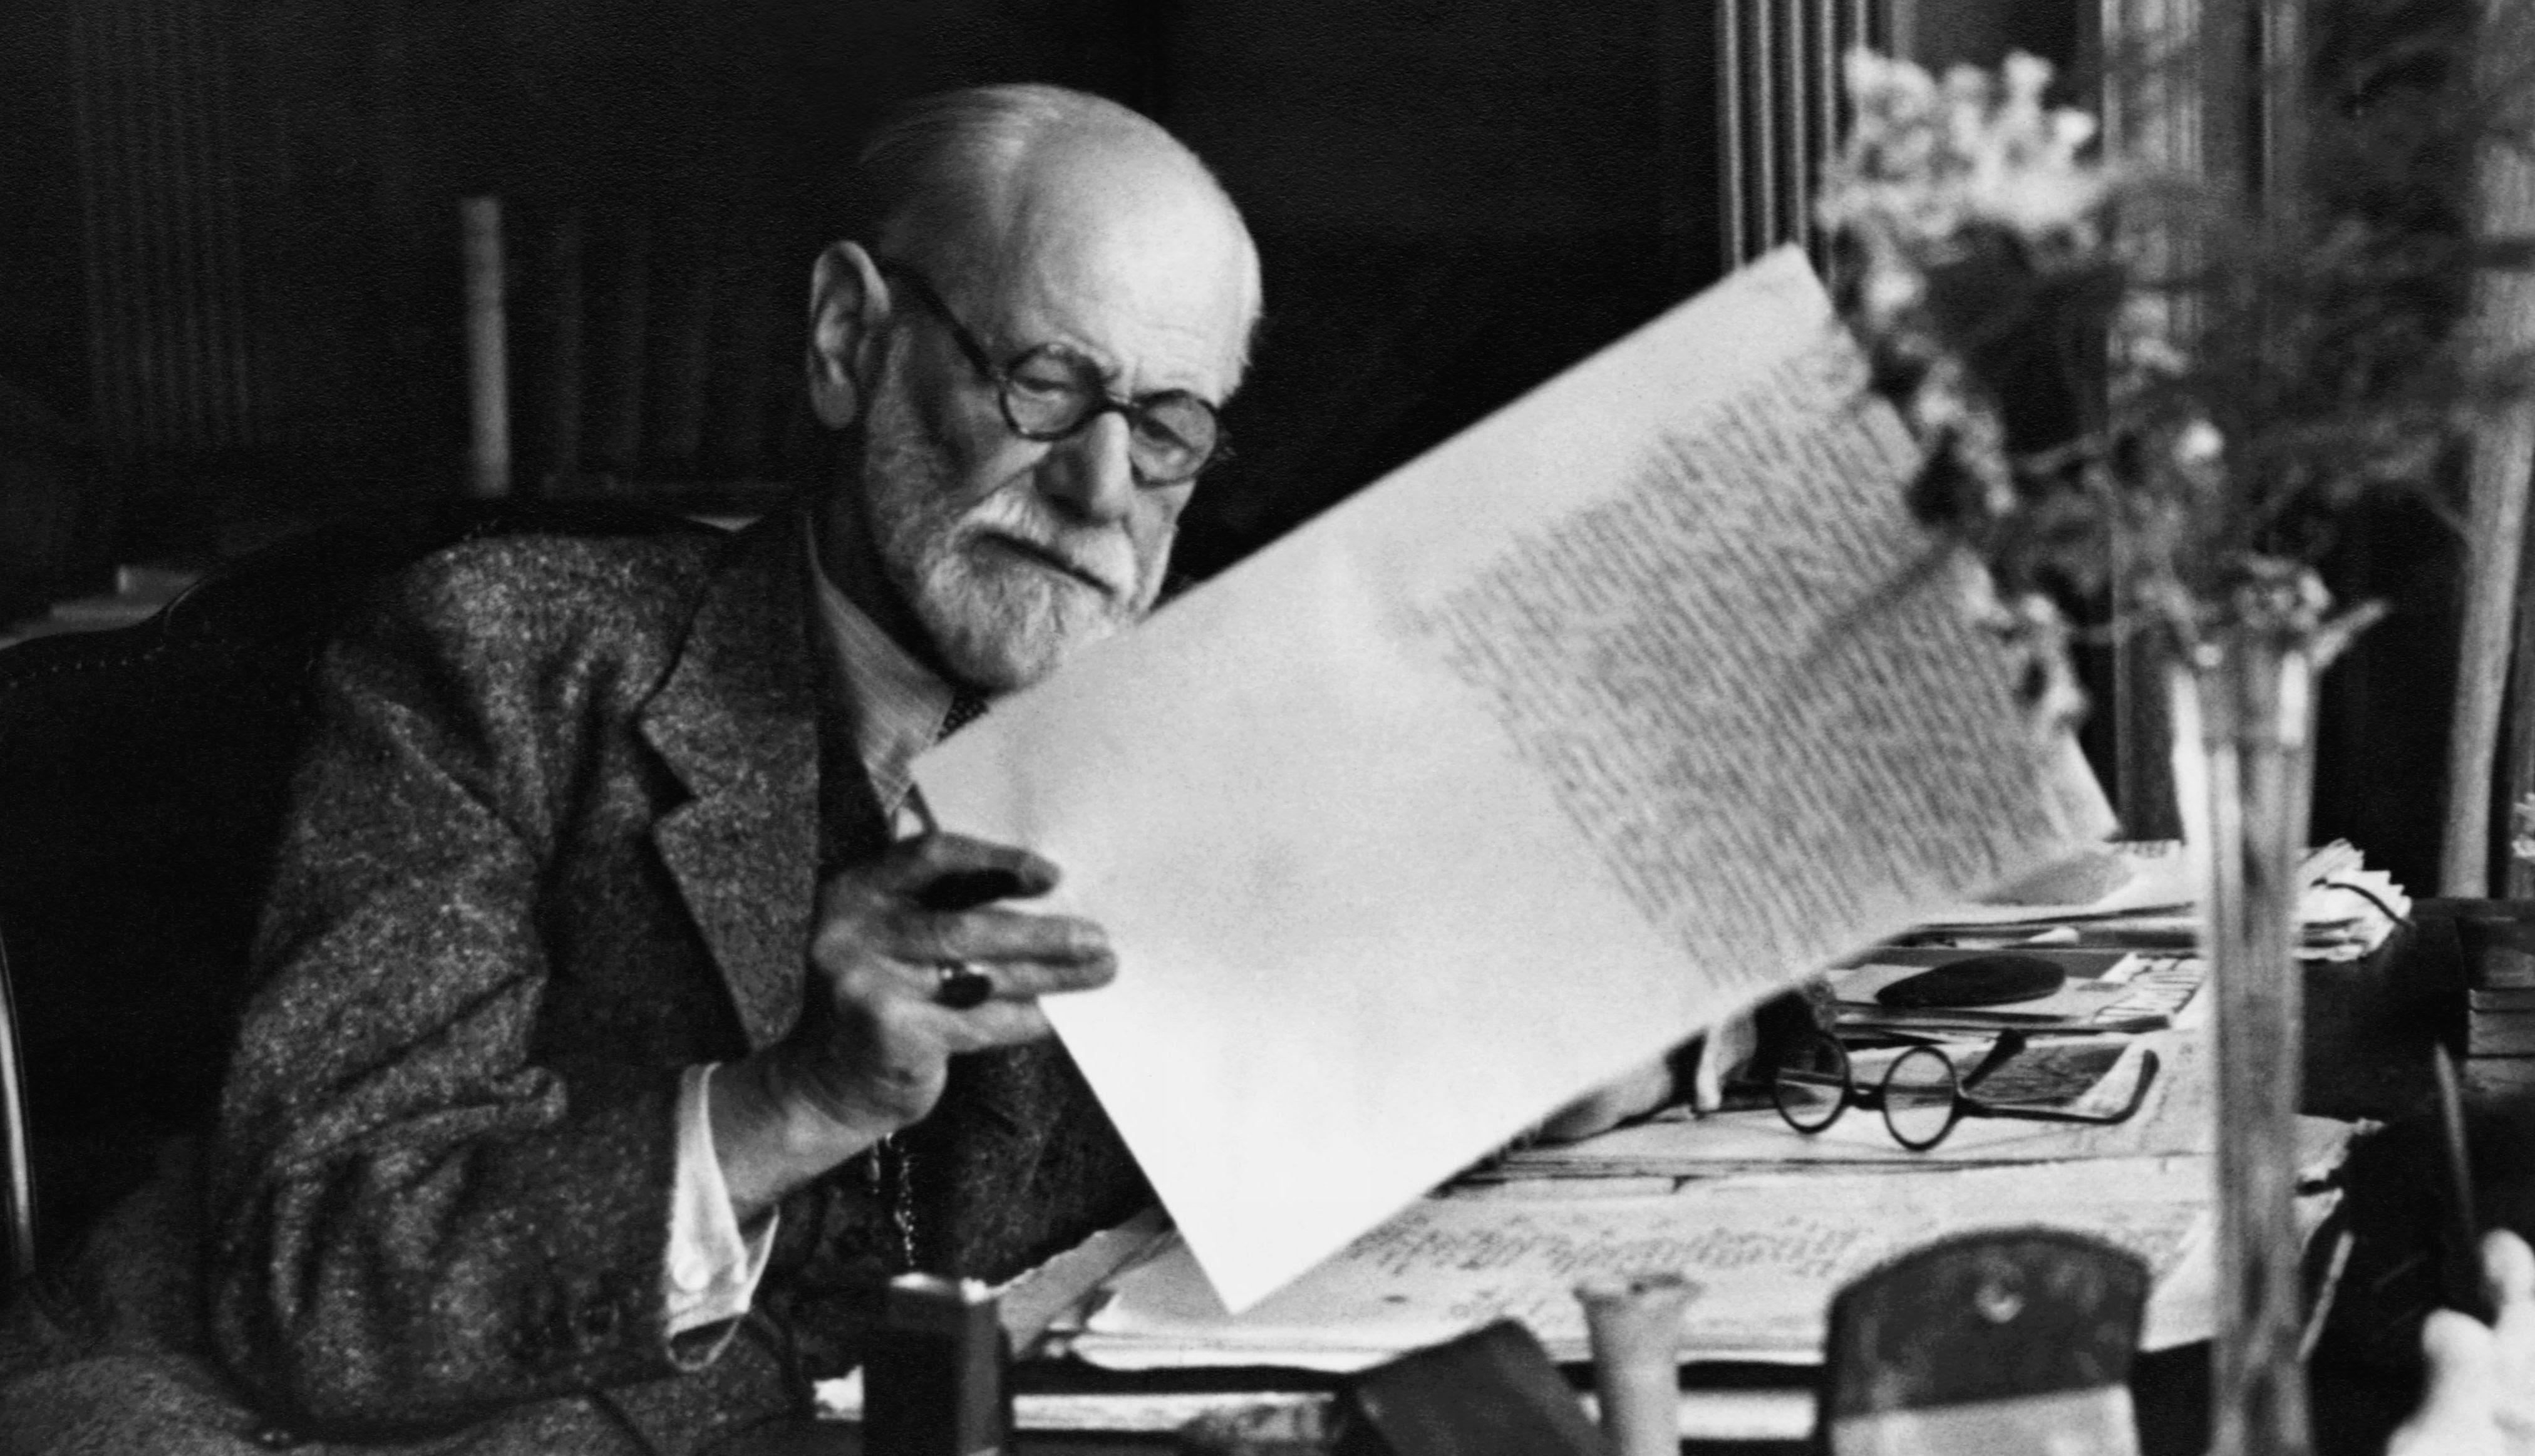 Foto: Sigmund Freud com uma caneta e carta nas mãos